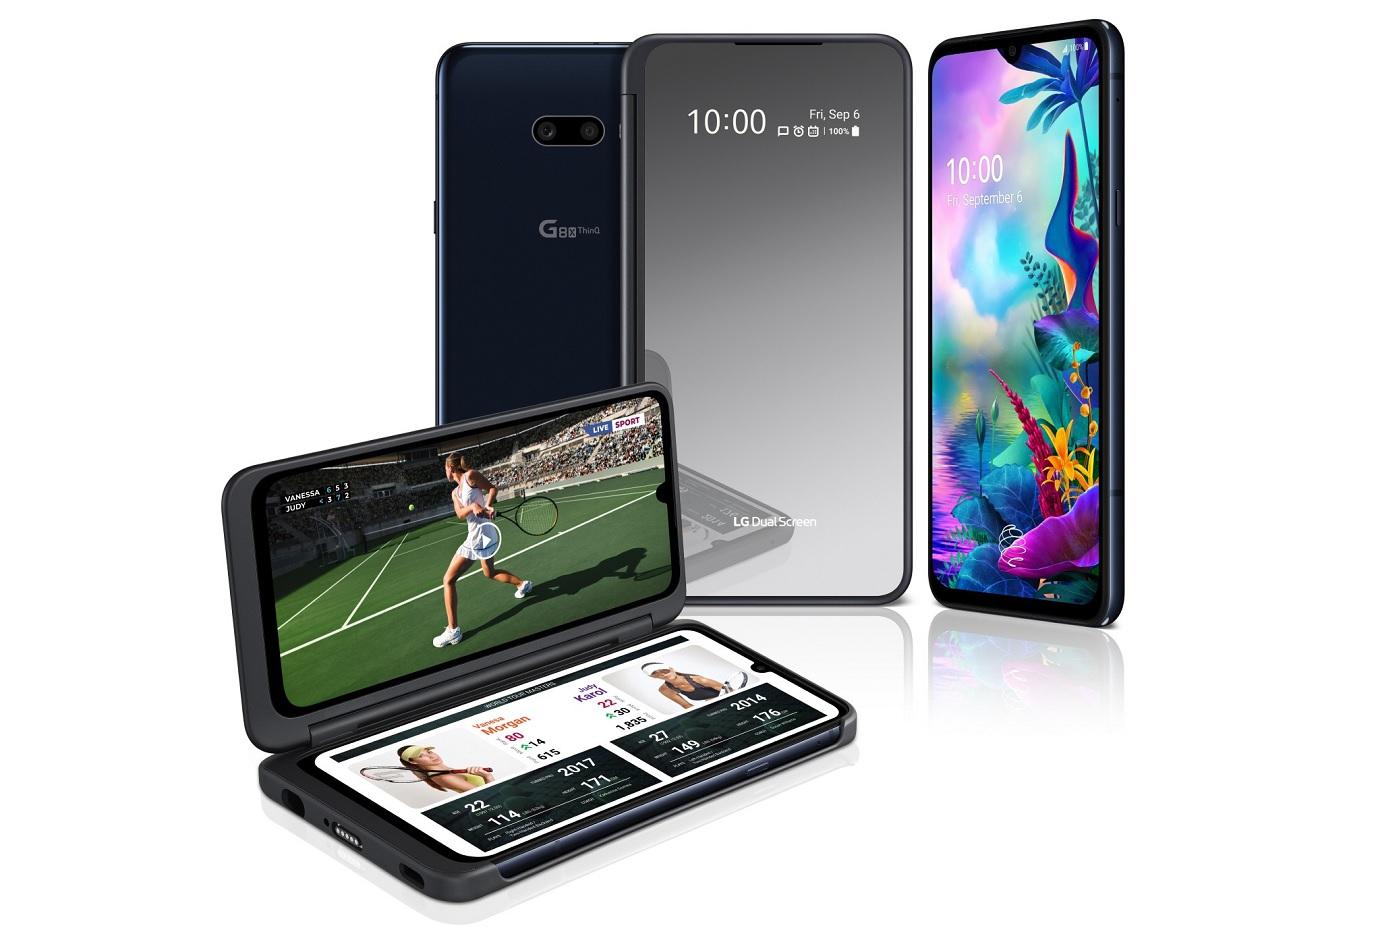 Le smartphone à deux écrans de LG